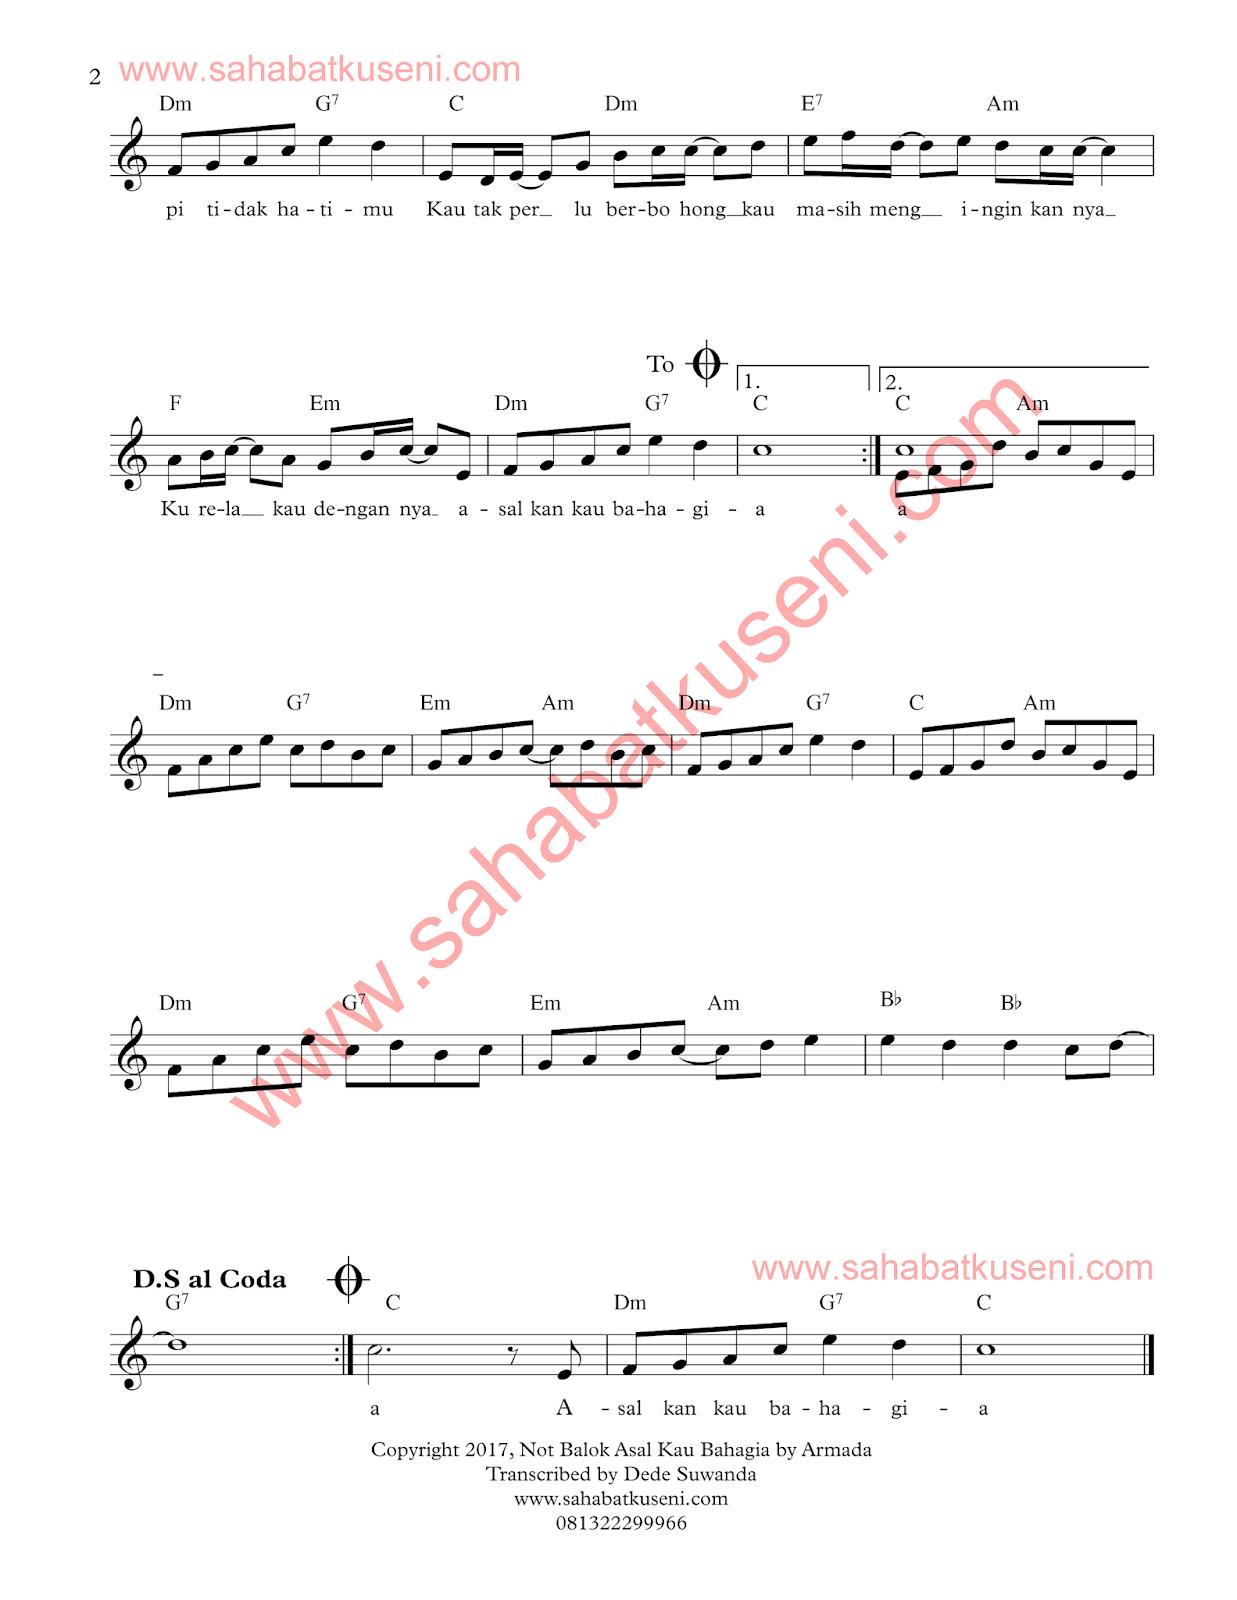 Partitur not balok lagu asal kau bahagia dari band armada berikut lirik dan chord lembar ke 2